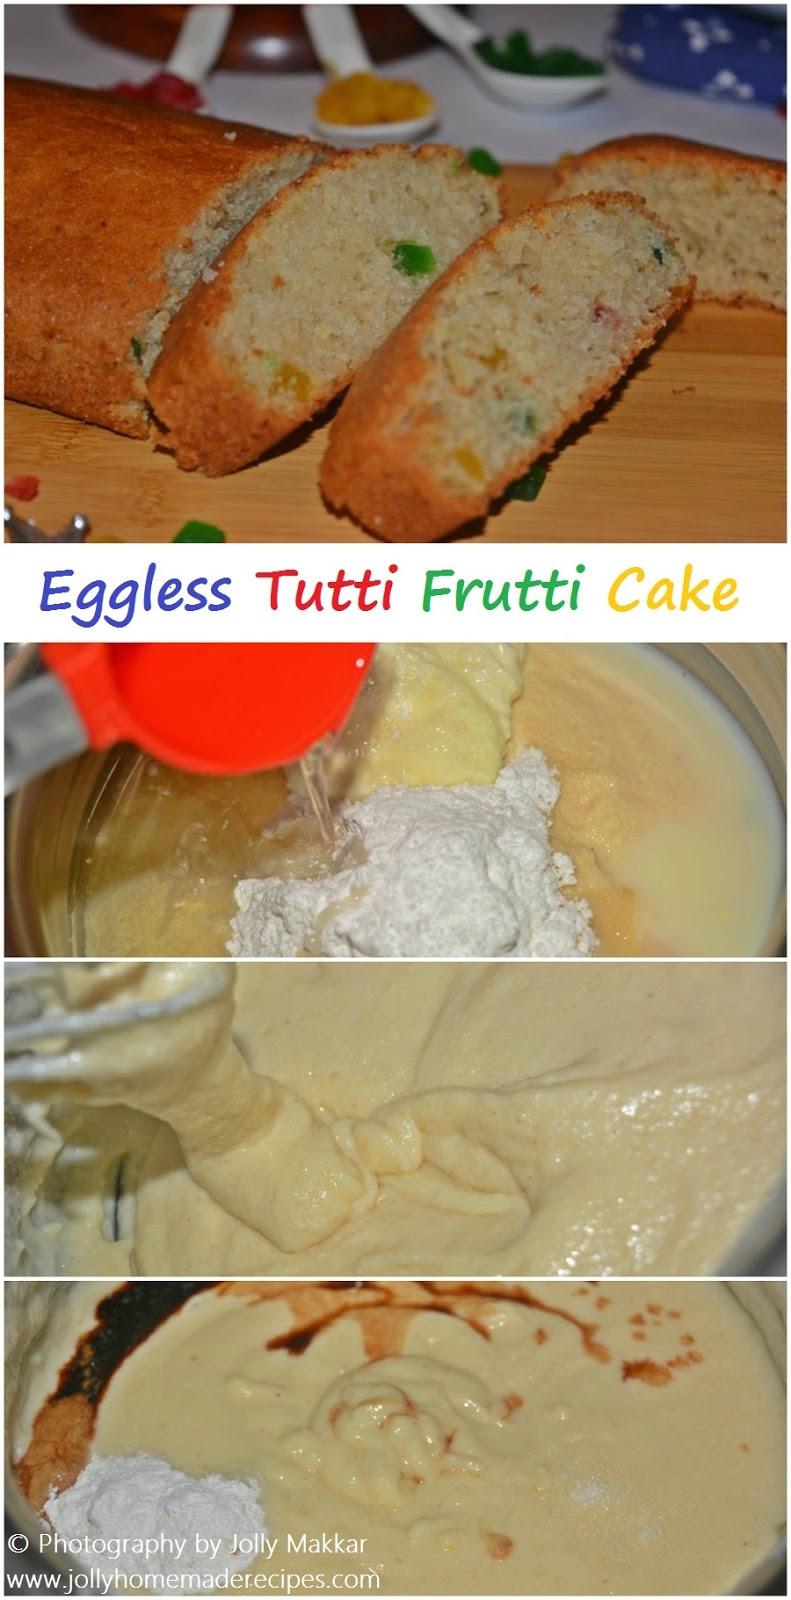 Eggless Fruit Cake Recipe By Tarla Dalal